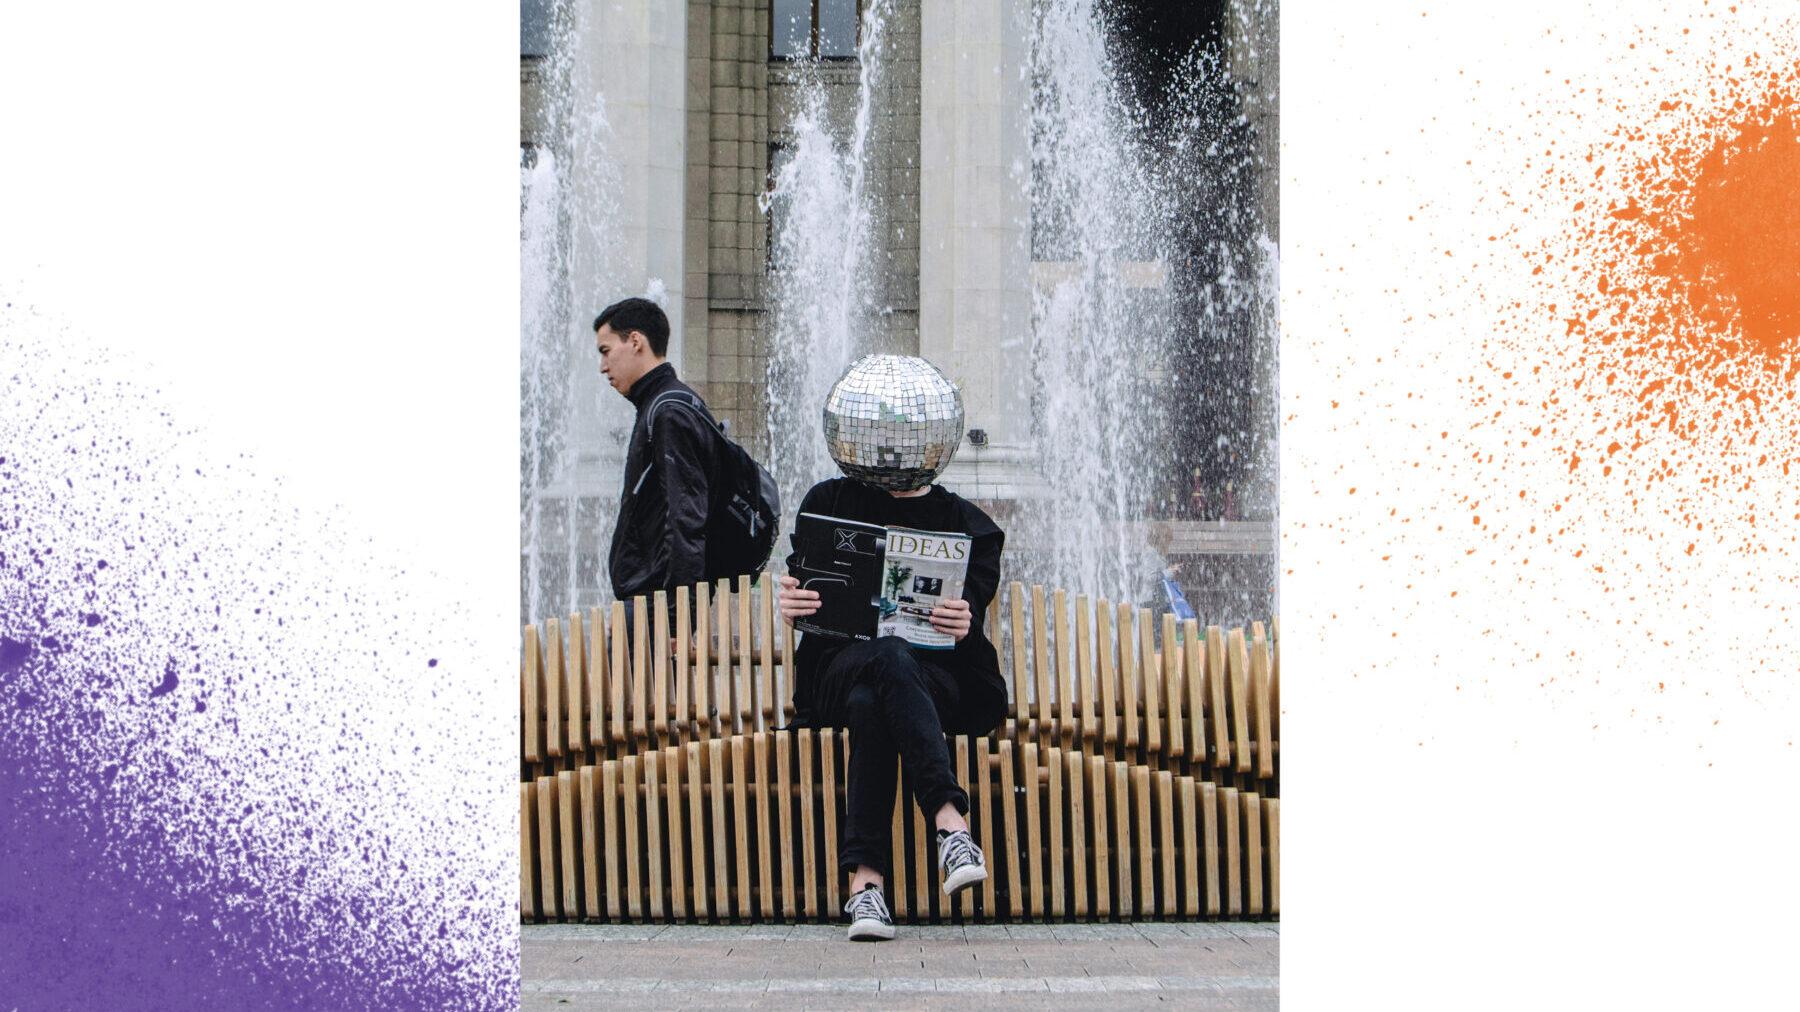 """Eine Person mit Diskokugel anstelle eines Kopfes sitzt auf einer hölzernen Bank vor einem städtischen Springbrunnen. Sie liest ein Magazin mit dem Titel """"Ideas""""."""